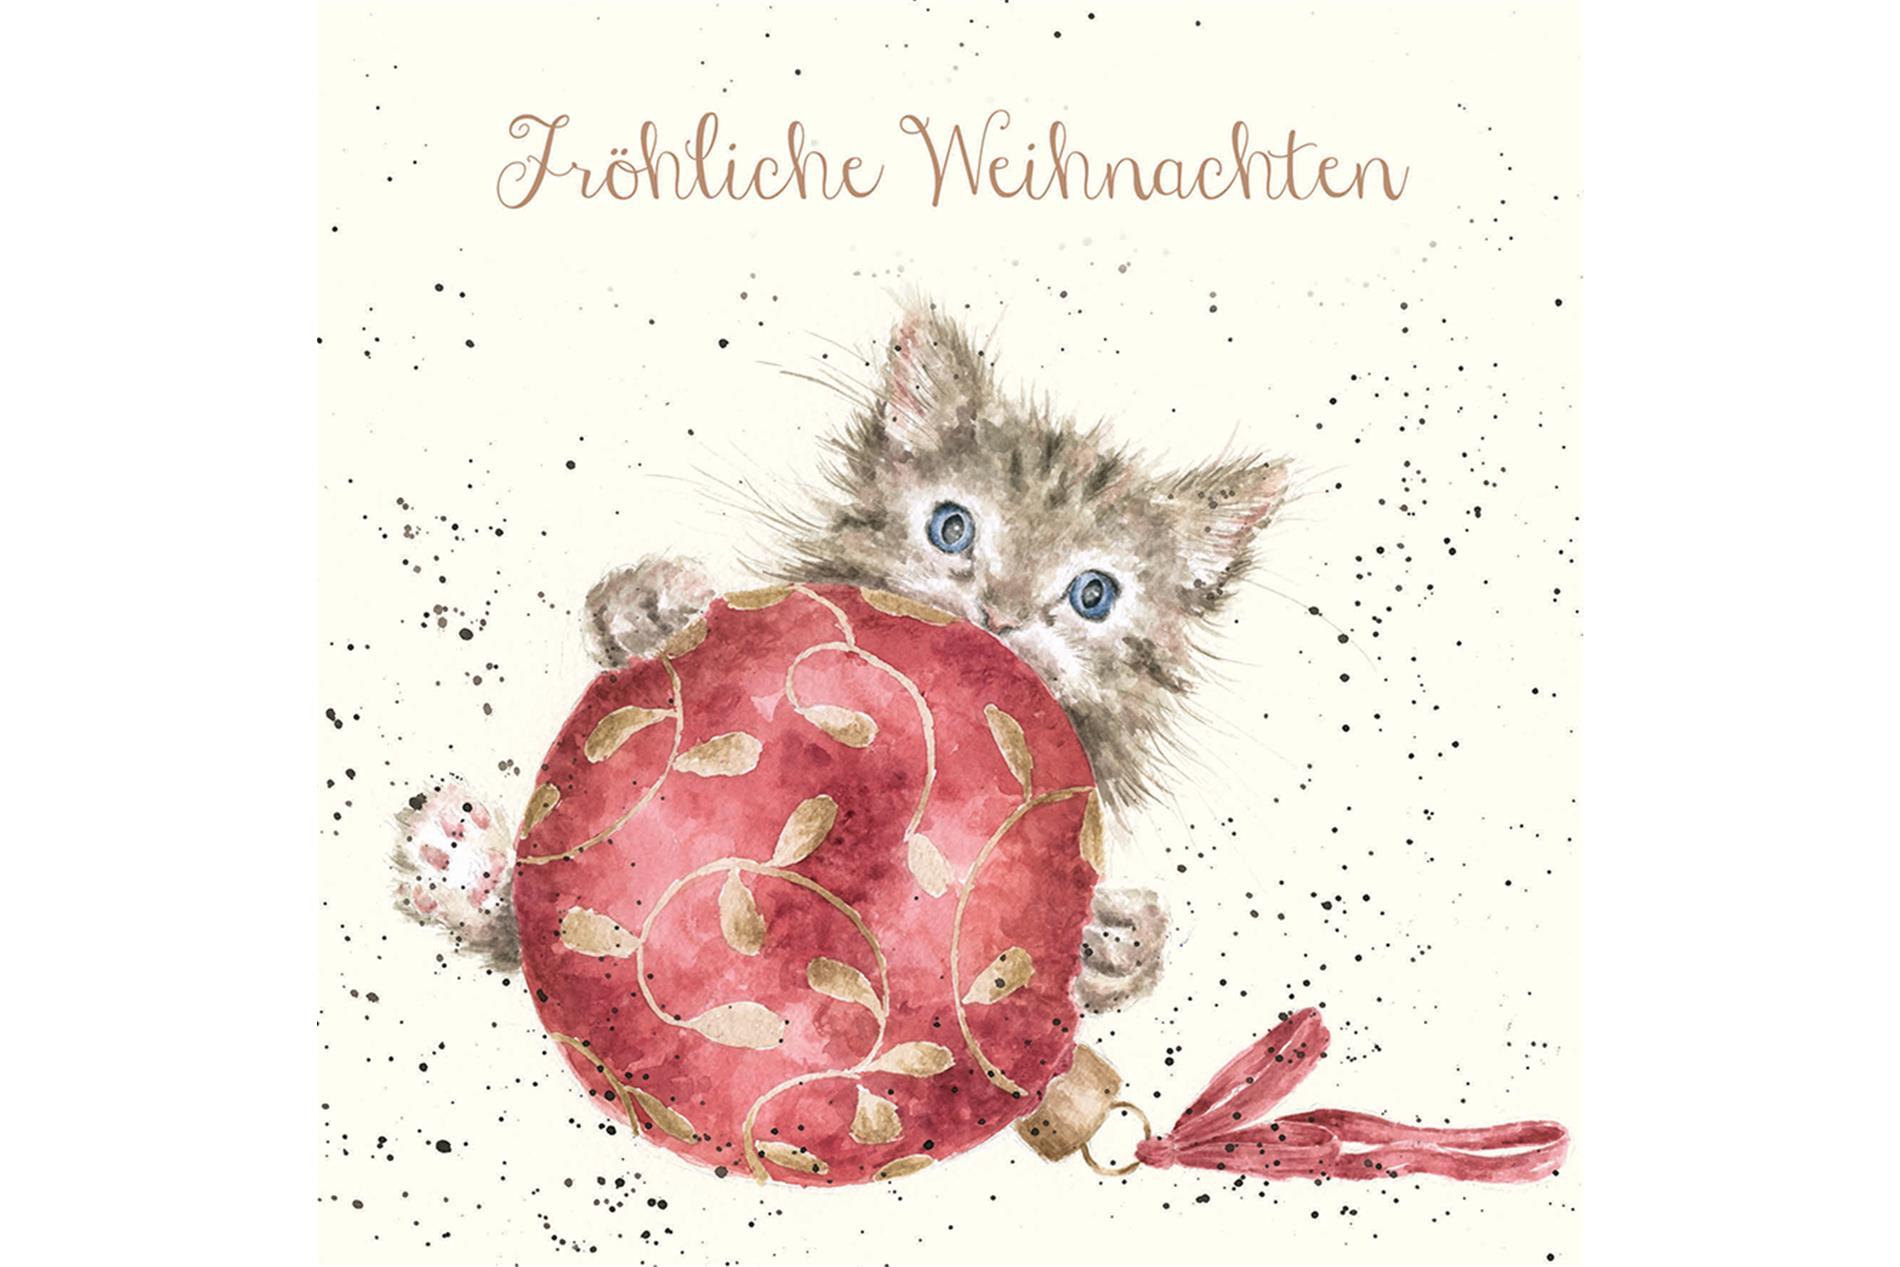 """Wrendale Doppelkarte Weihnachten mit Umschlag, Fröhliche Weihnachten,  Motiv Katze """"Chritmas Baubles"""" ,15x15 cm"""